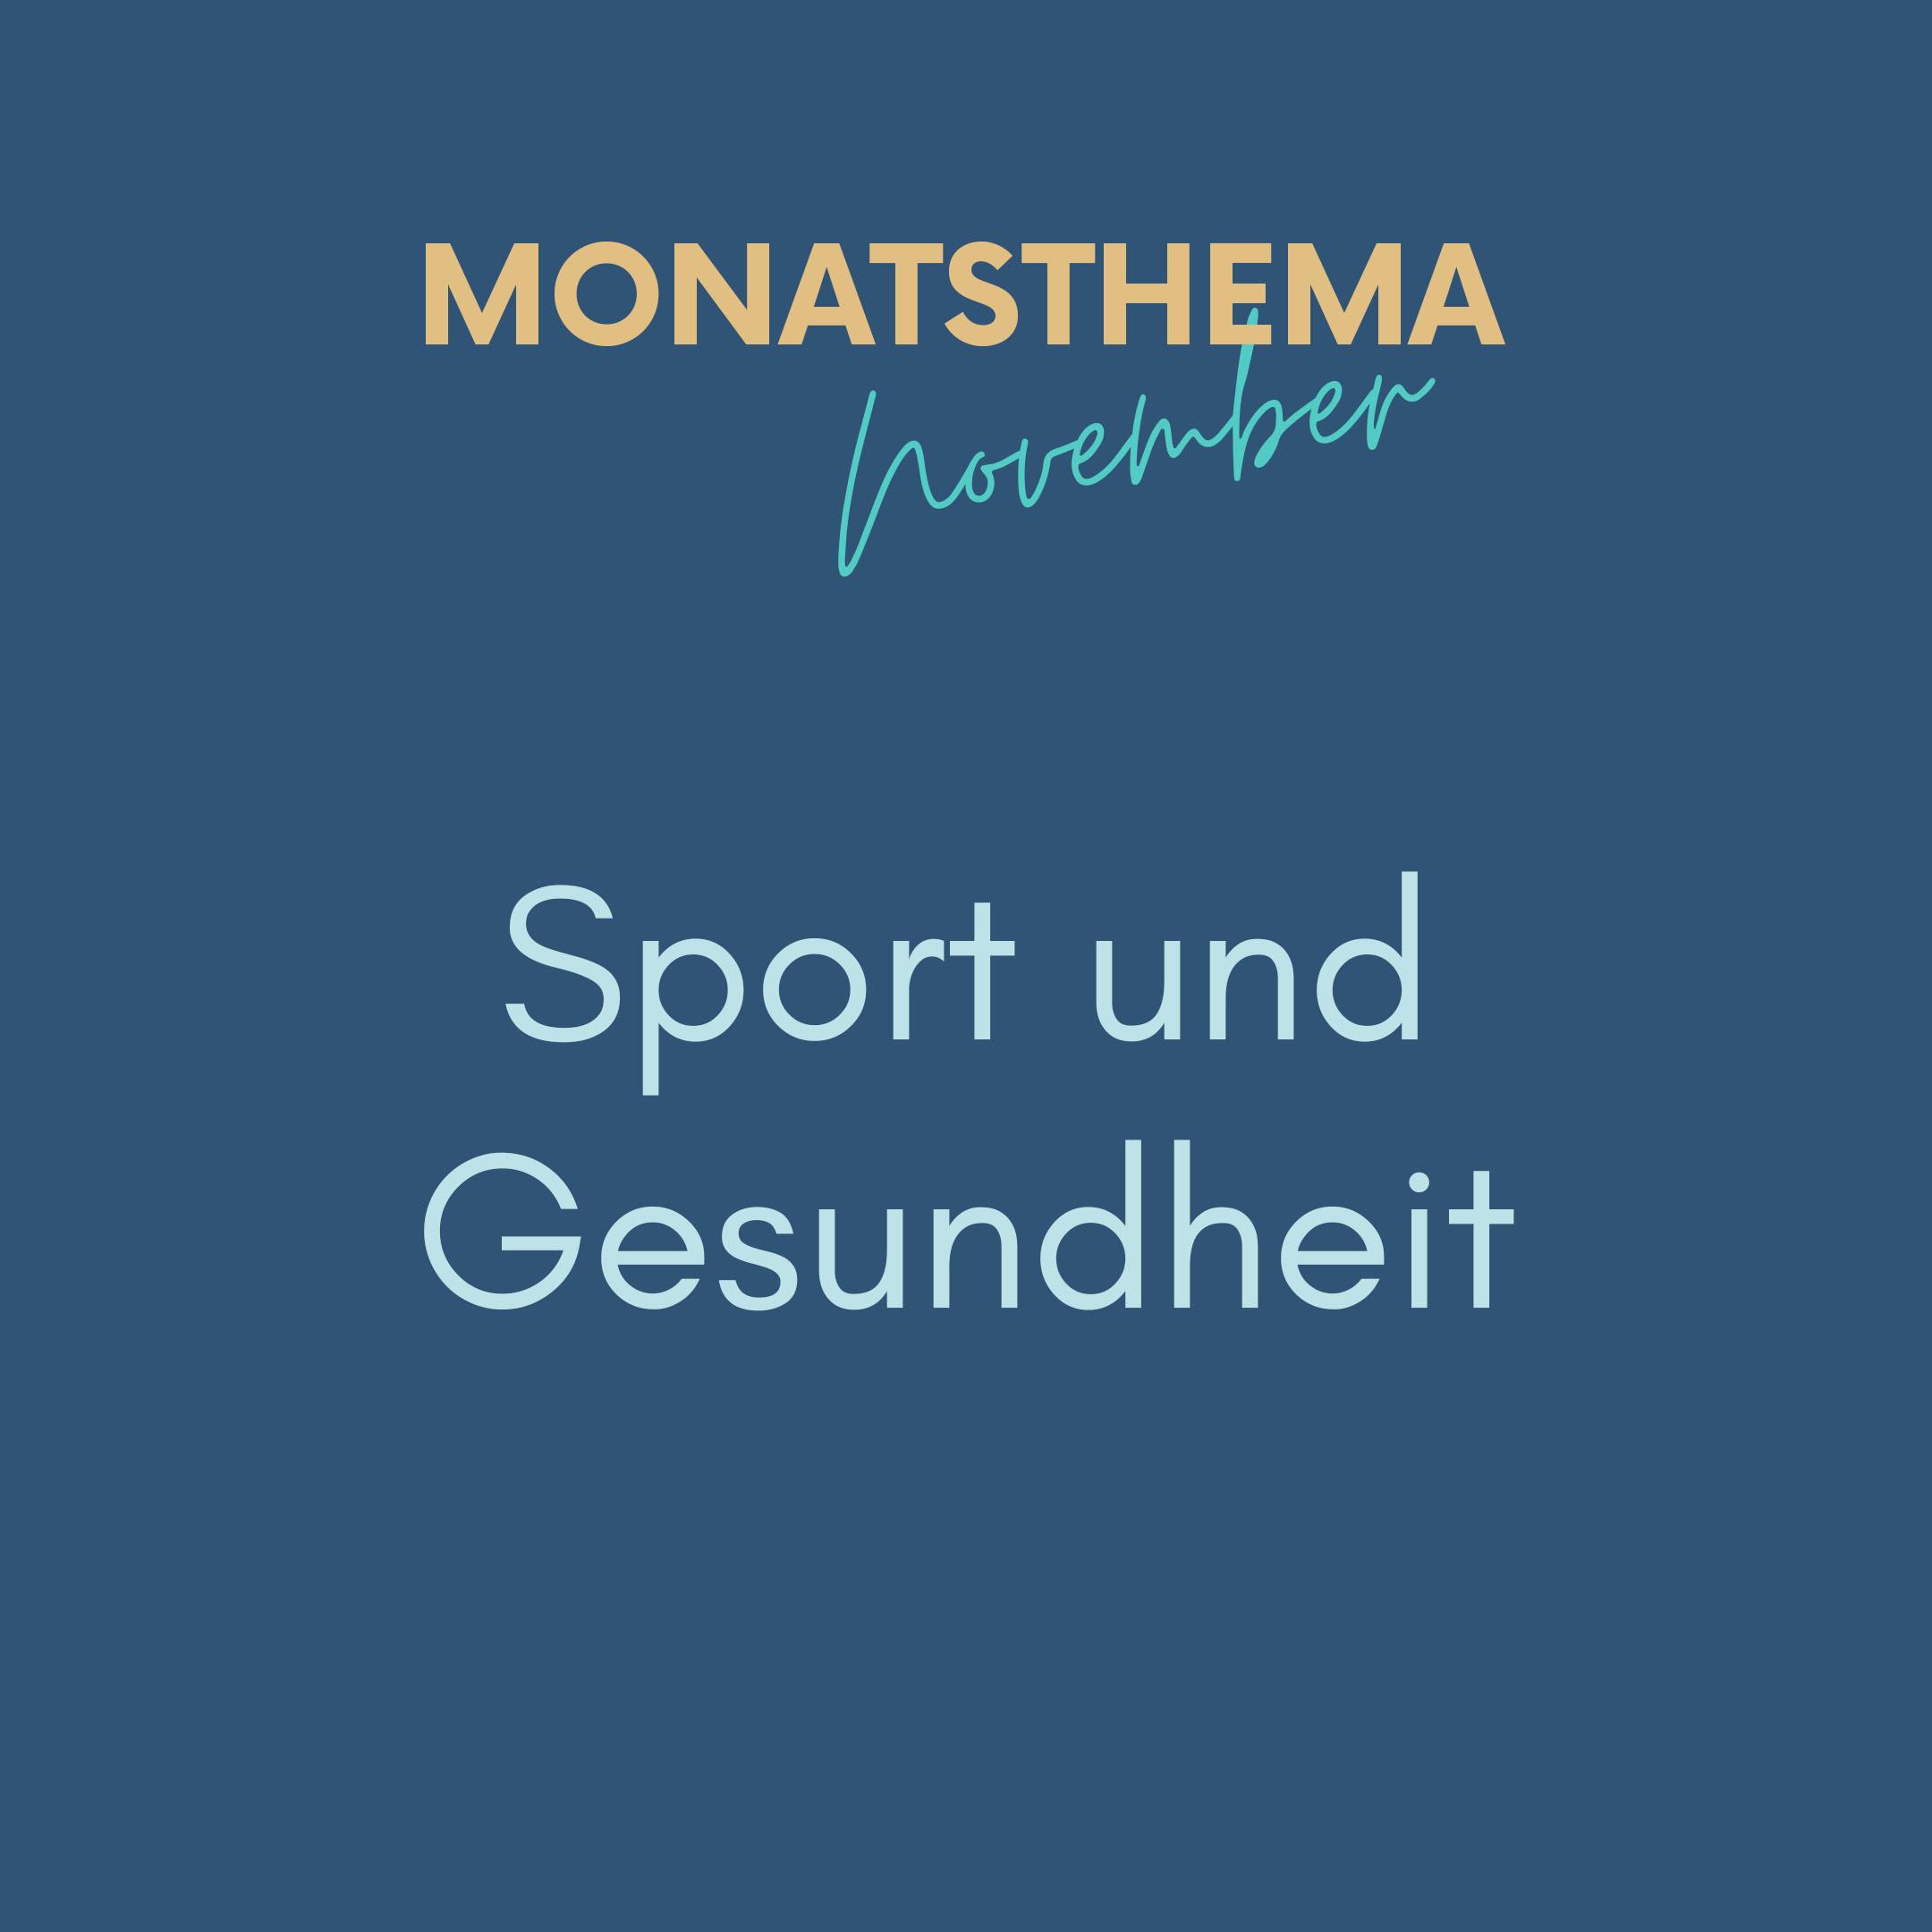 blauer Hintergrund mit Text: Monatsthema November Sport und Gesundheit